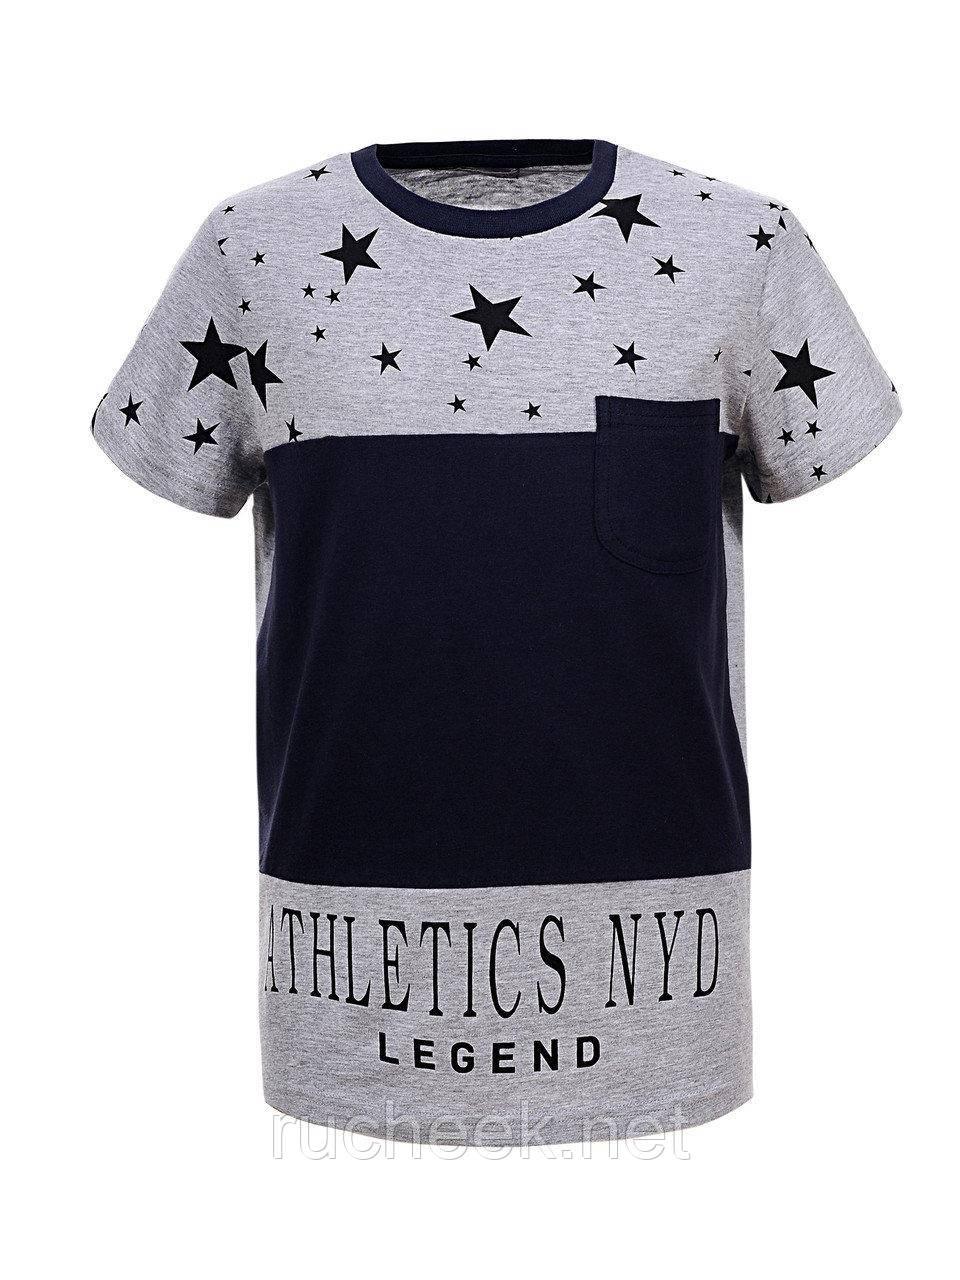 Хлопковые футболки для мальчиков, подростков, рост 134-164 Glo-story BPO-5274 158 серый